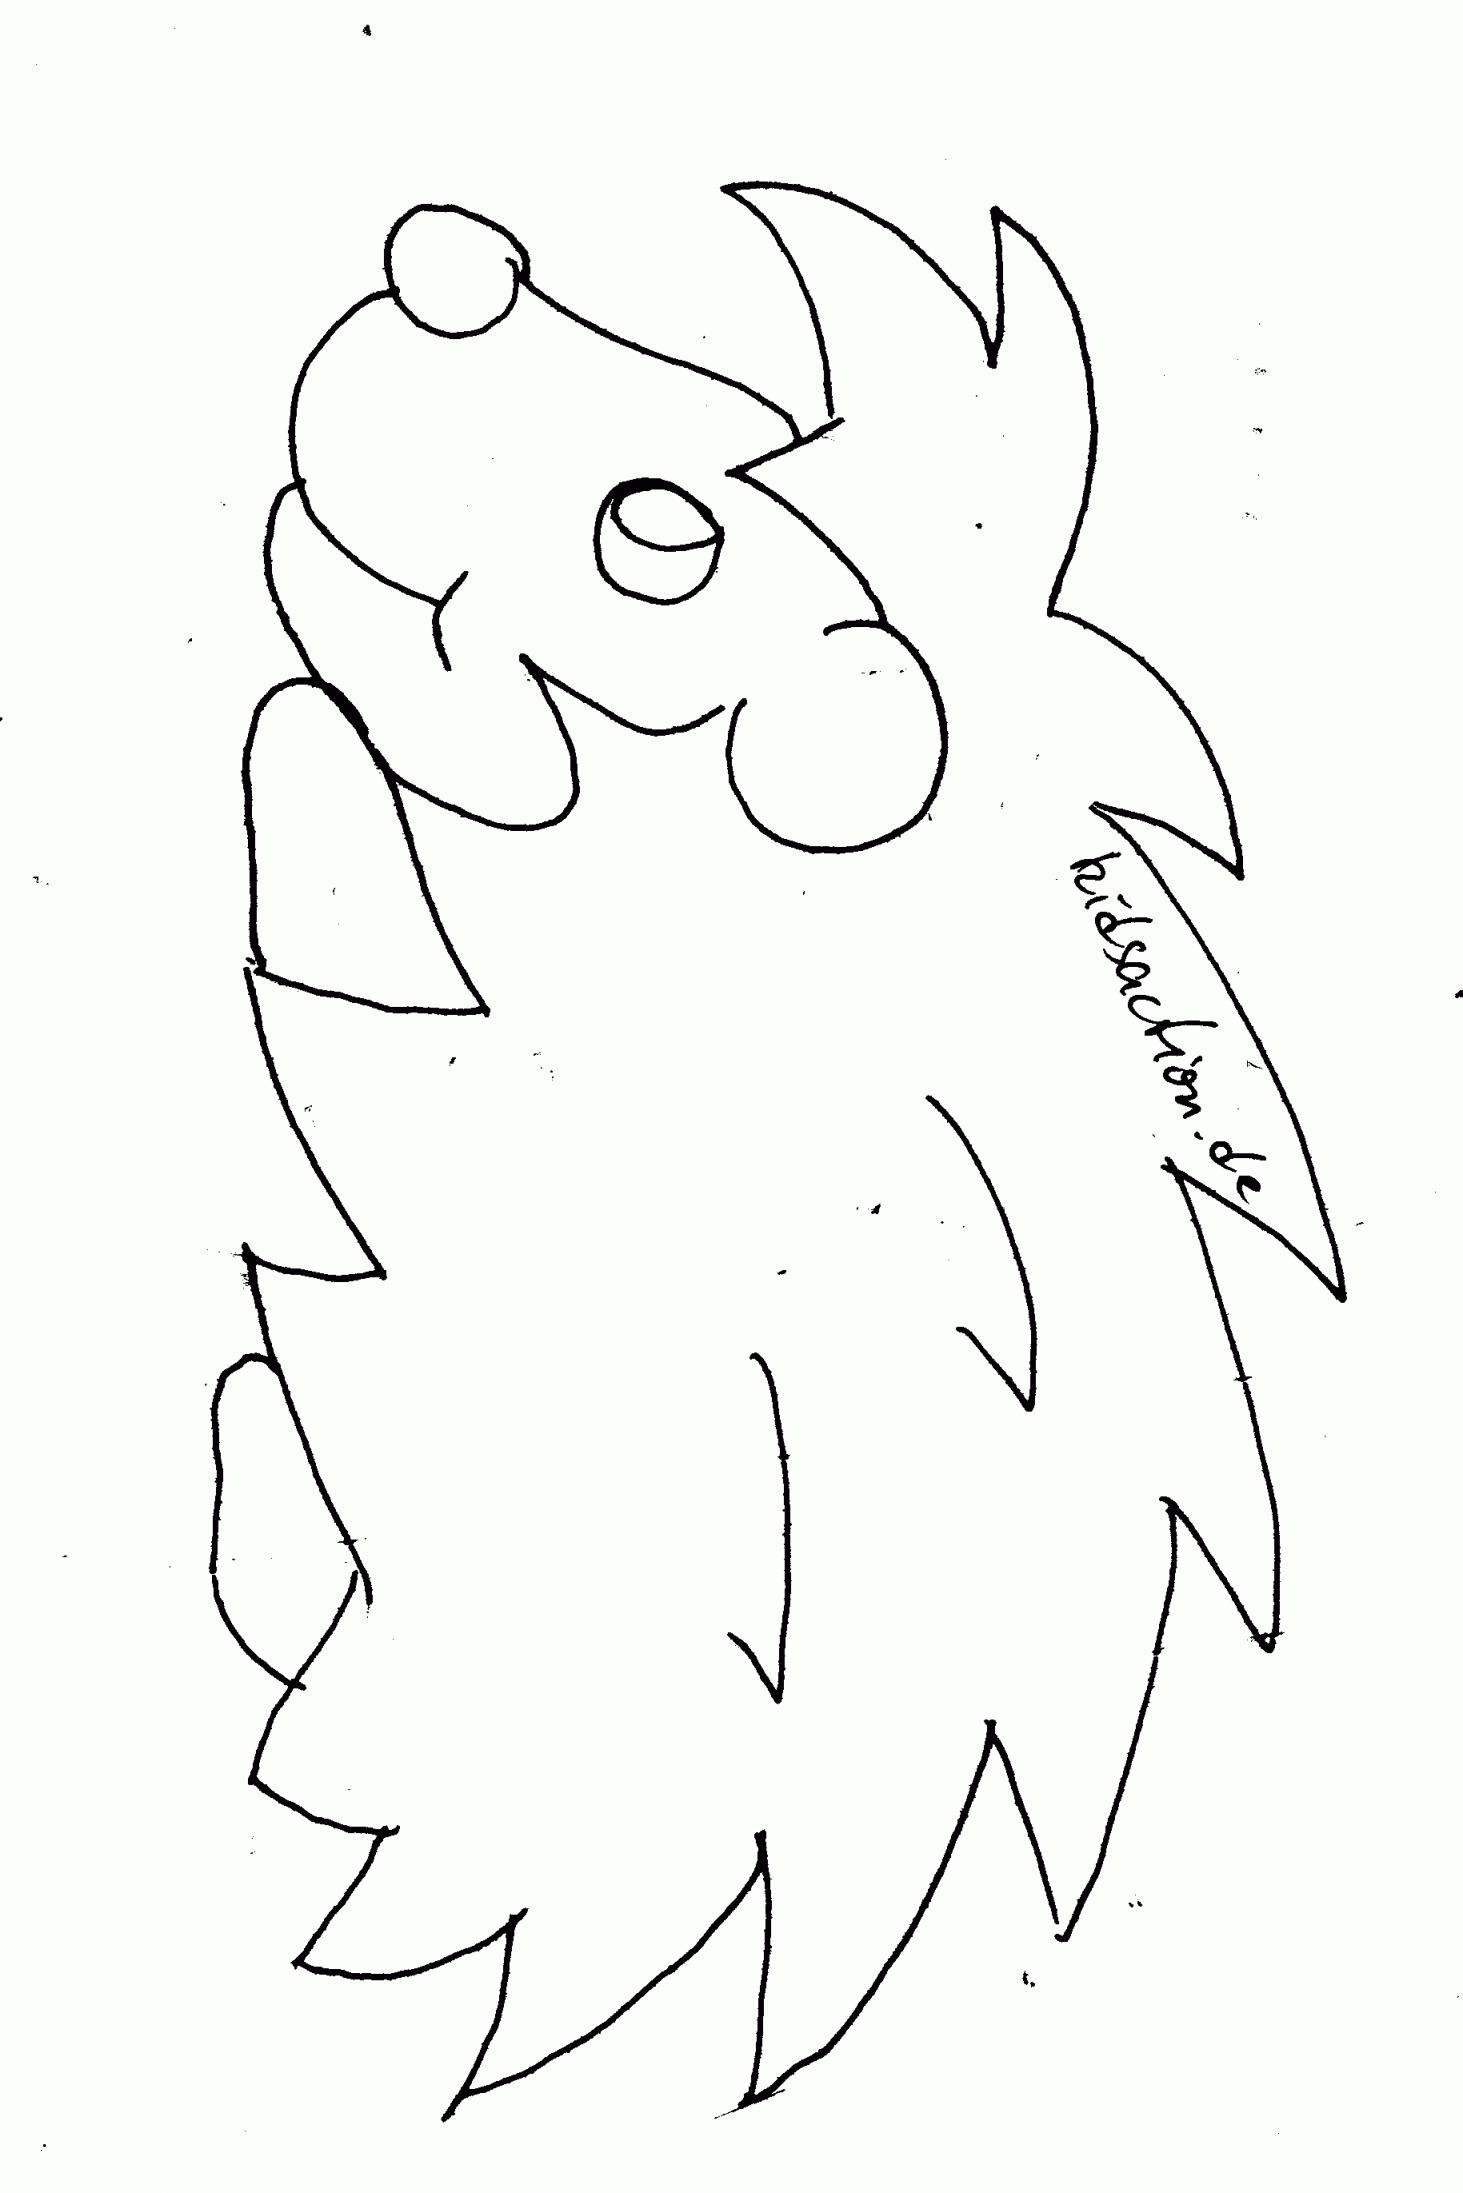 Nashorn Zum Ausmalen Frisch 40 Skizze Mandala Ausmalbilder Kostenlos Treehouse Nyc Sammlung